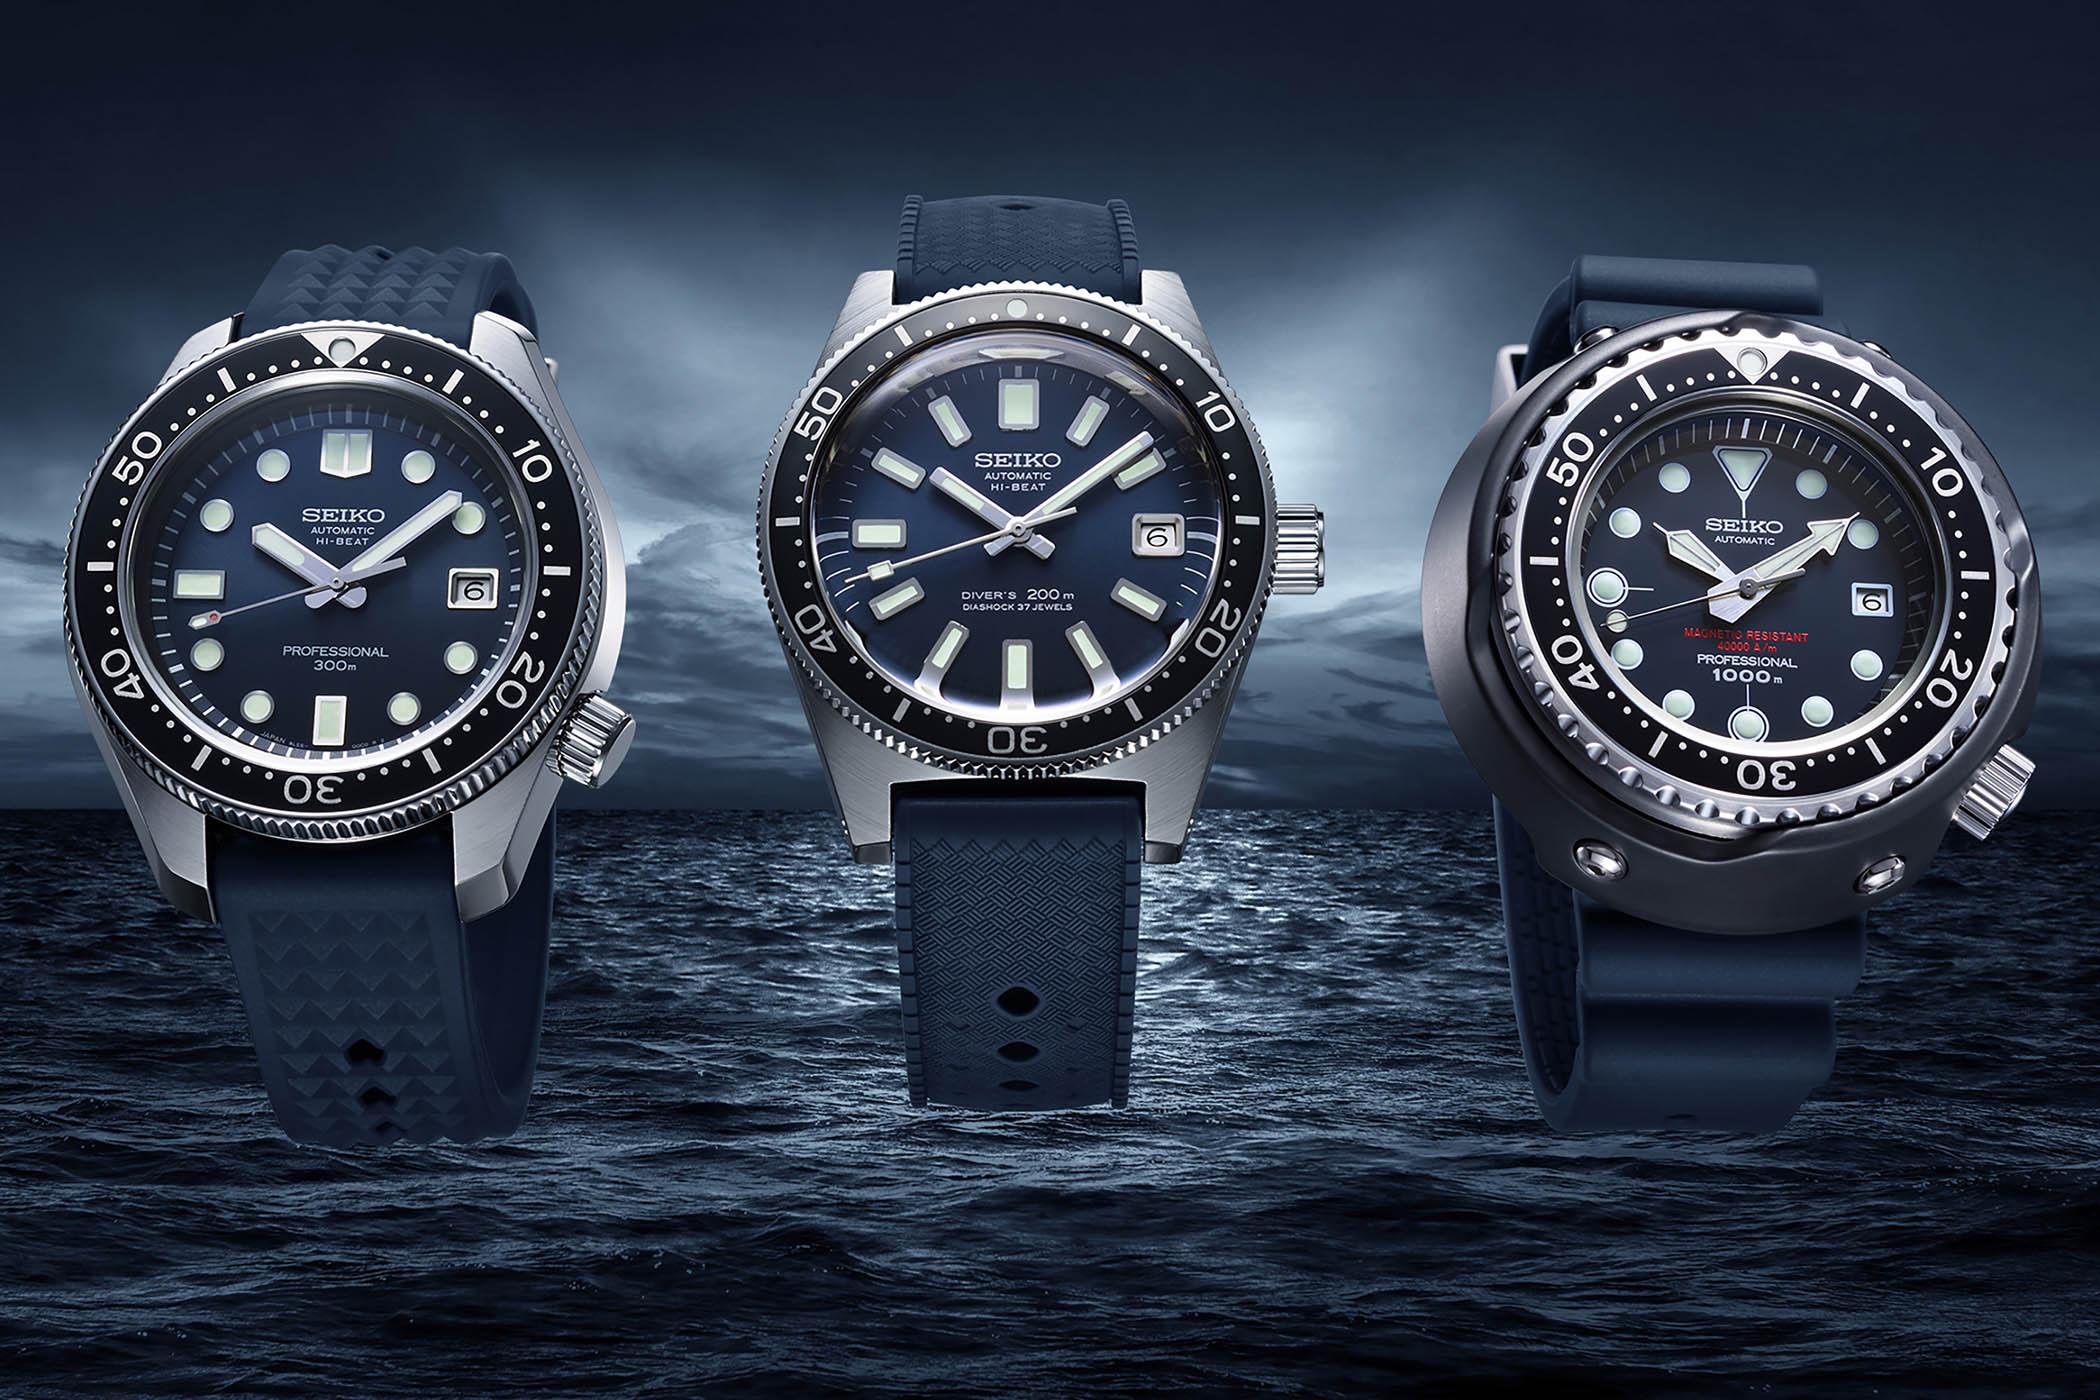 Seiko Prospex Diver 55th Anniversary Re-Editions - 1965 Diver SLA037 - 1968 Hi-Beat Diver SLA039 - 1975 Tuna 600m Diver SLA041